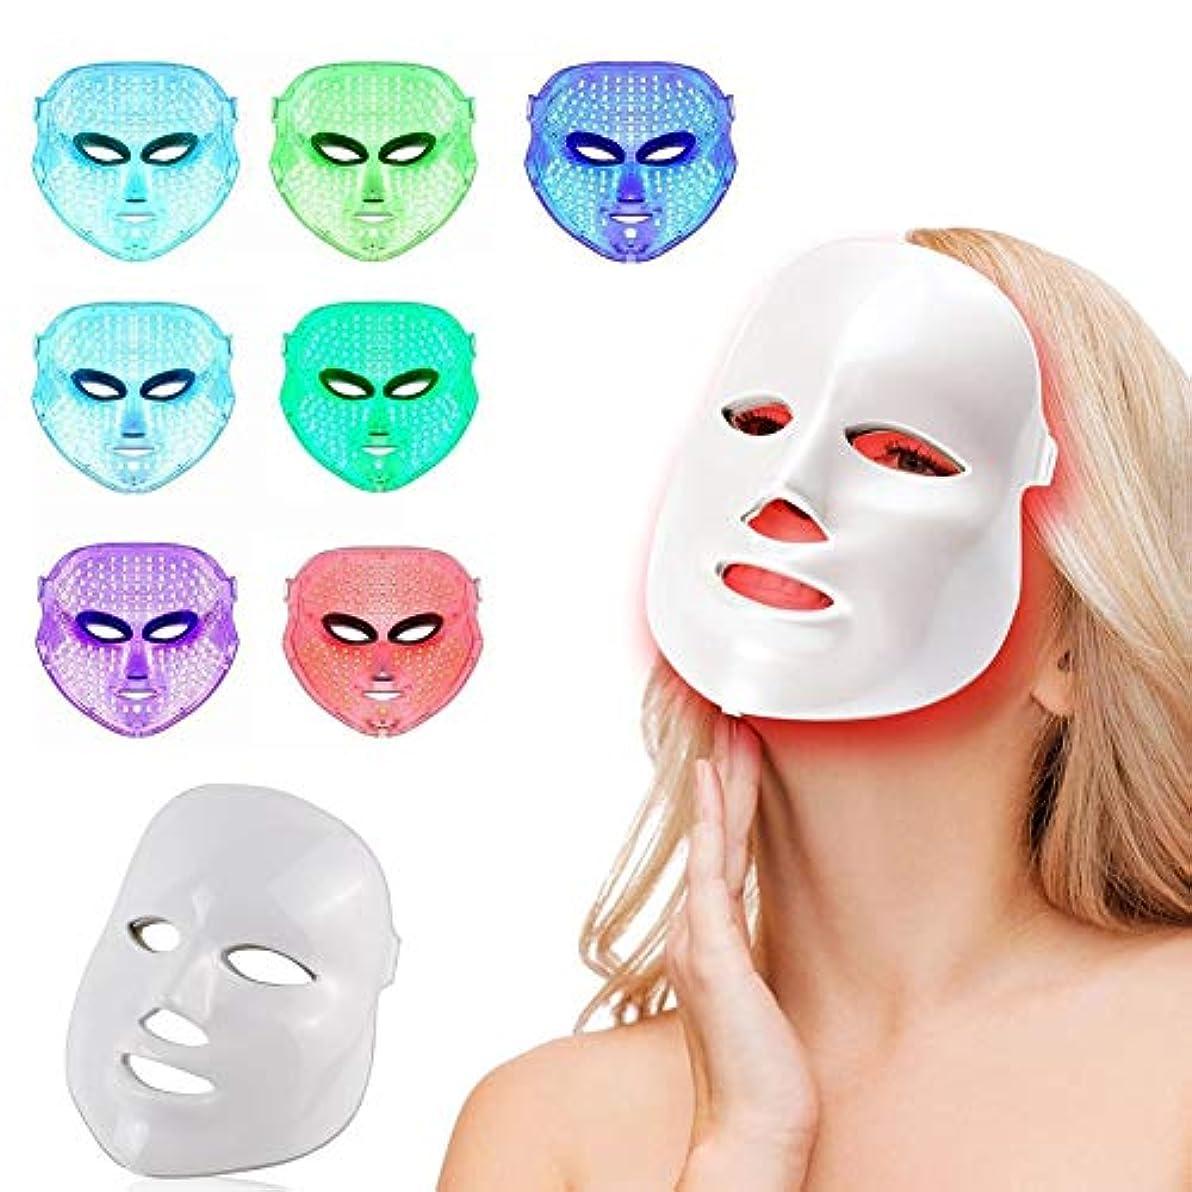 戸棚妖精心理学7色LEDフェイスマスク、健康な肌の若返りのための光子光療法、フェイシャルスキンケア、アンチエイジングビューティー